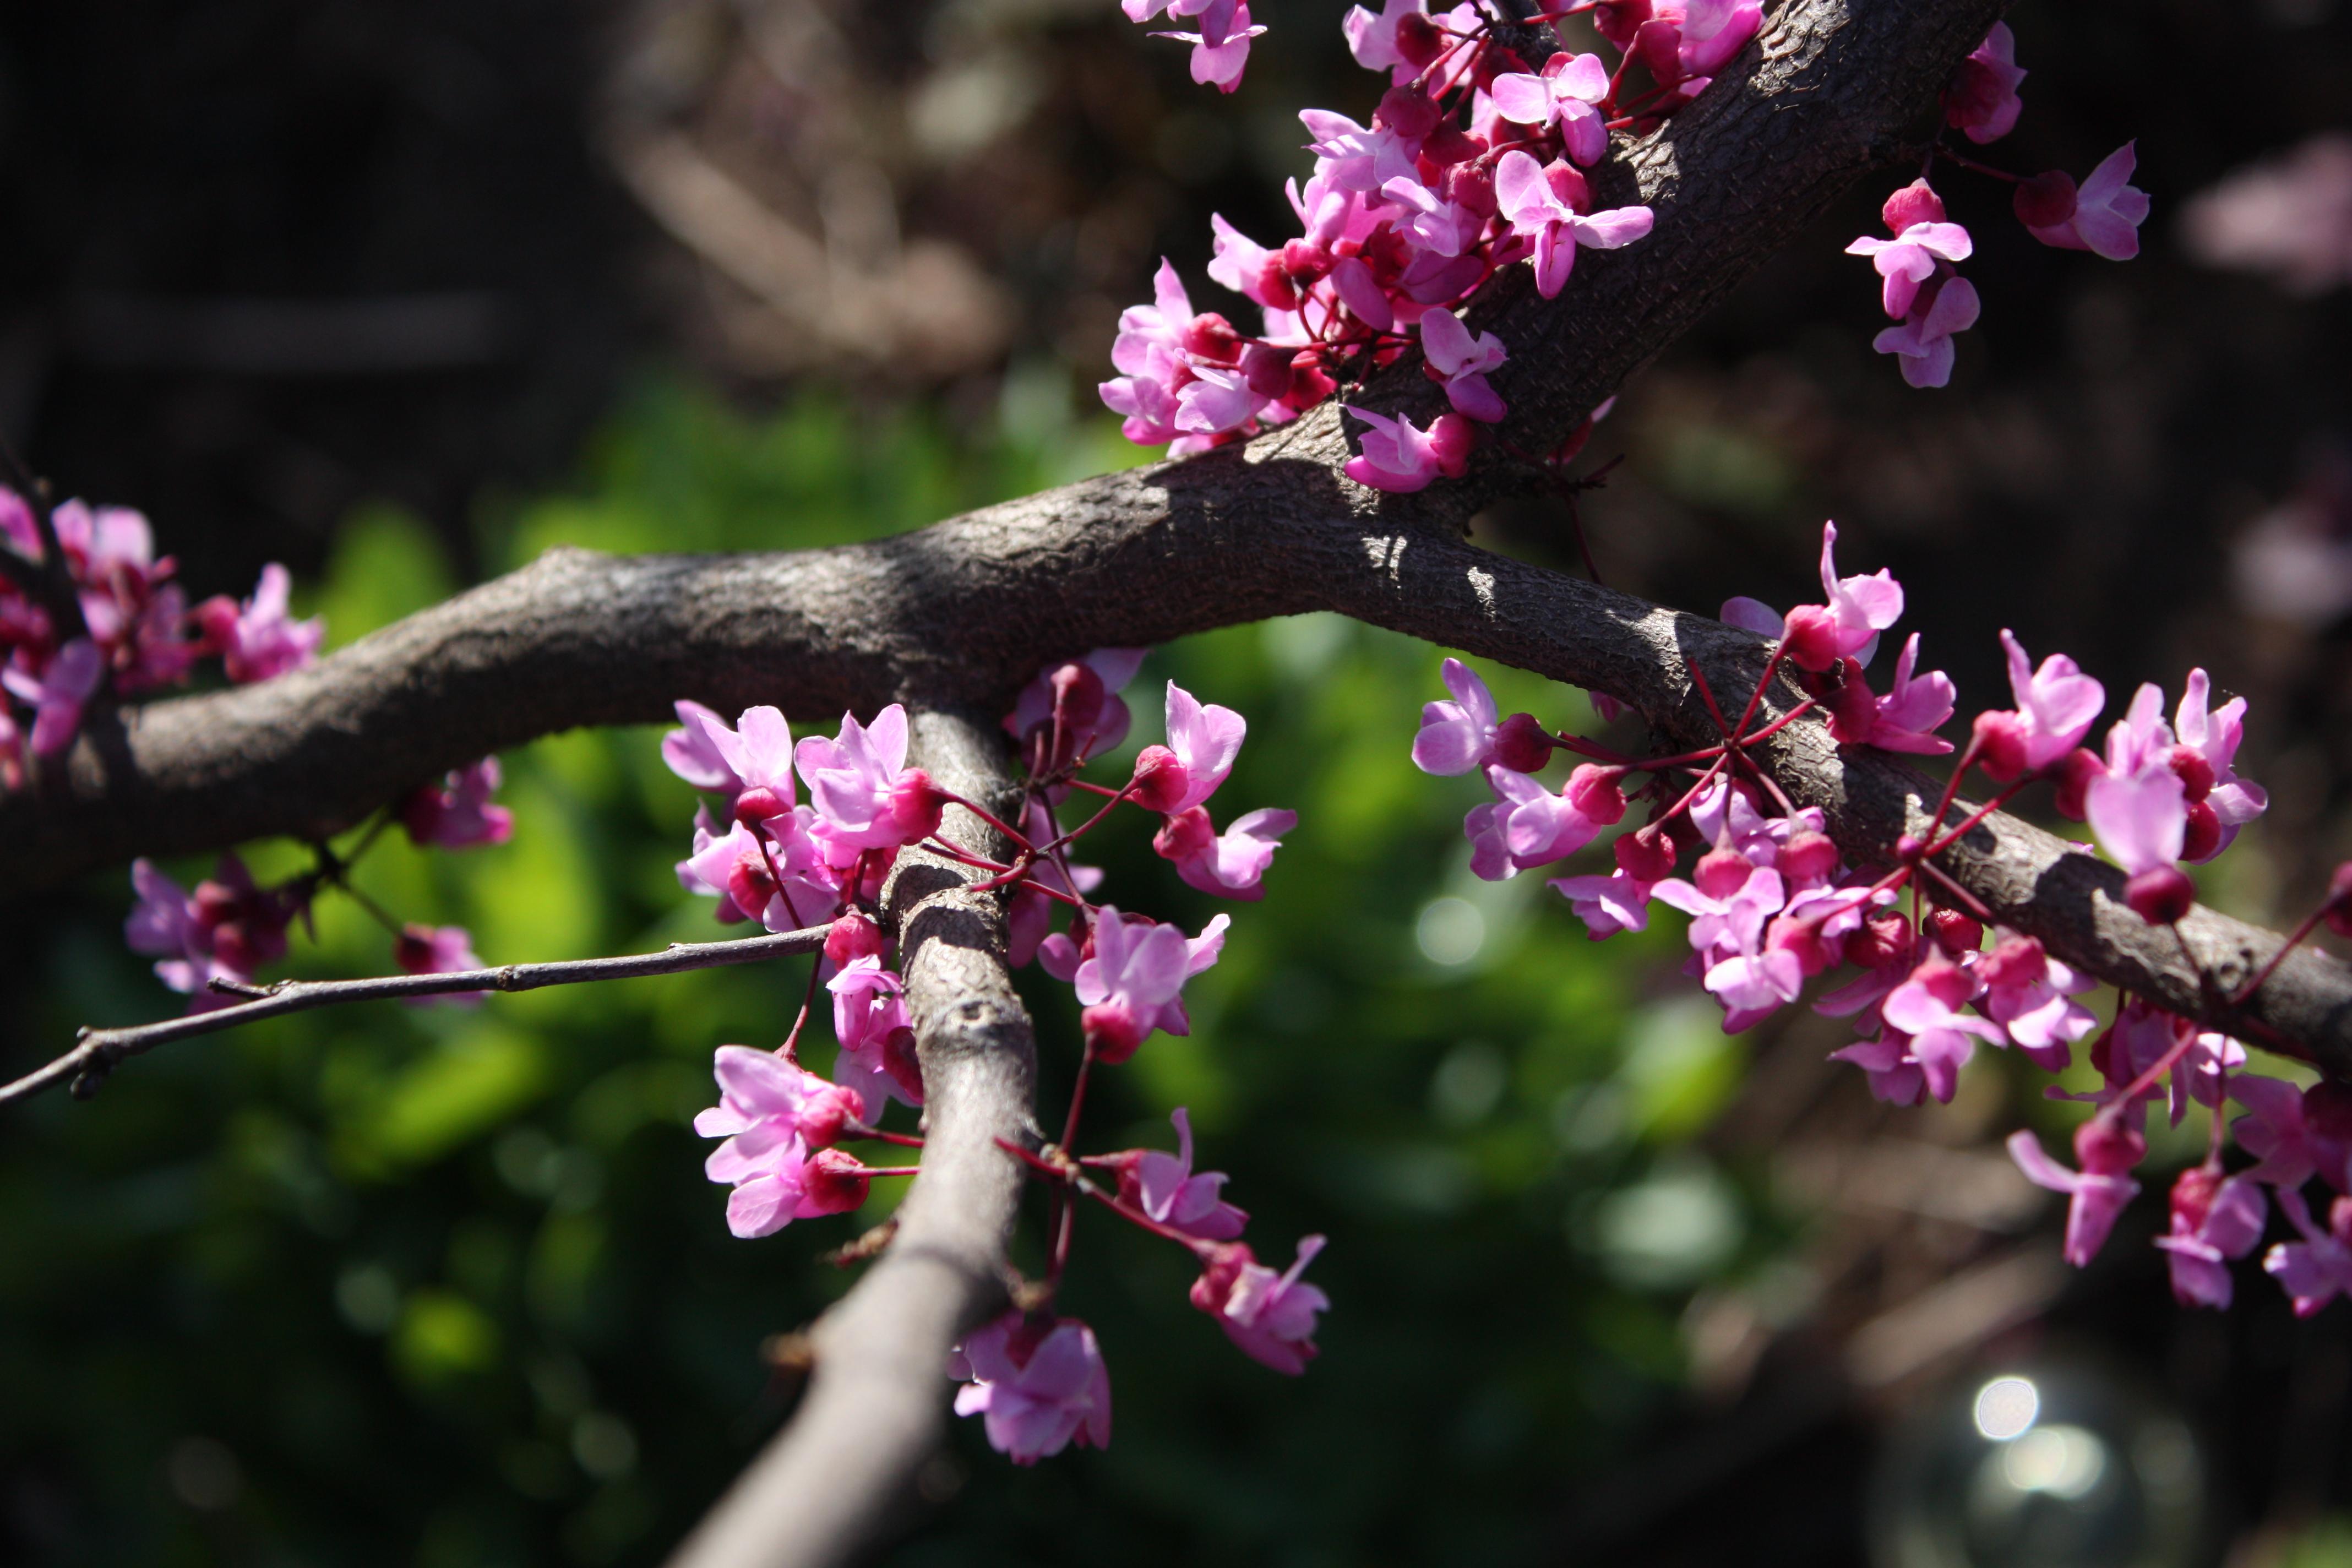 Redbud blooms